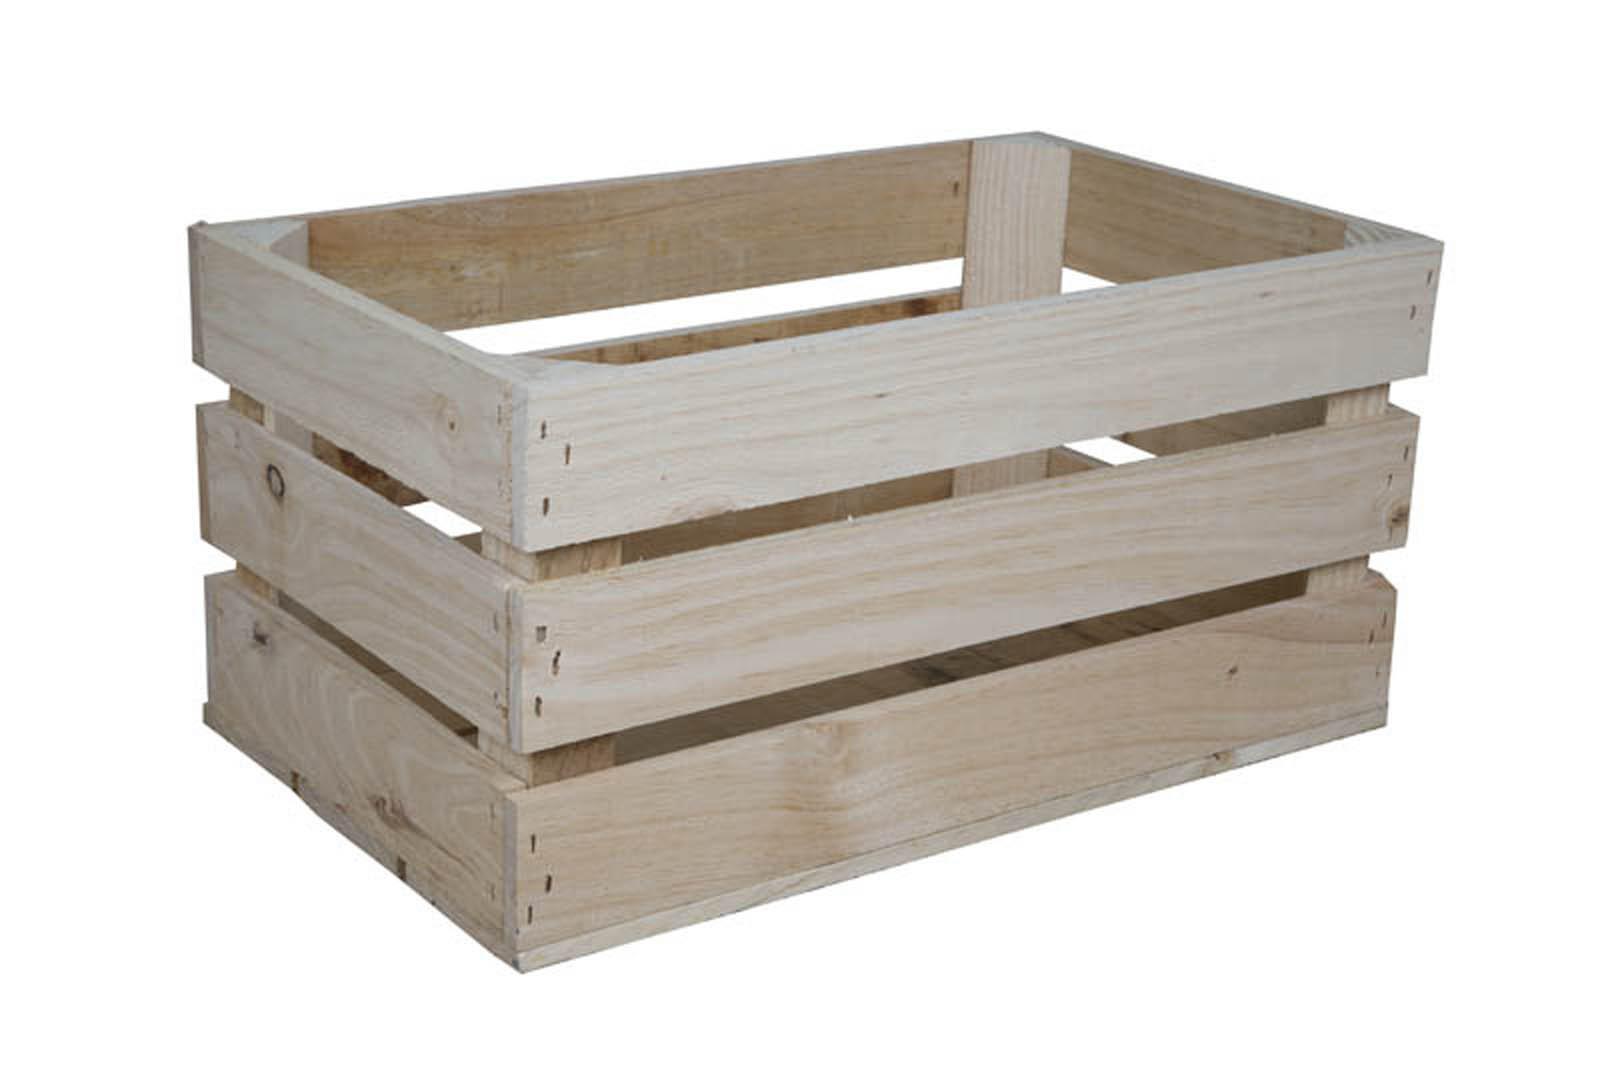 Caja picniquera de madera comprar tipis y casitas de tela - Cajas de madera para frutas ...